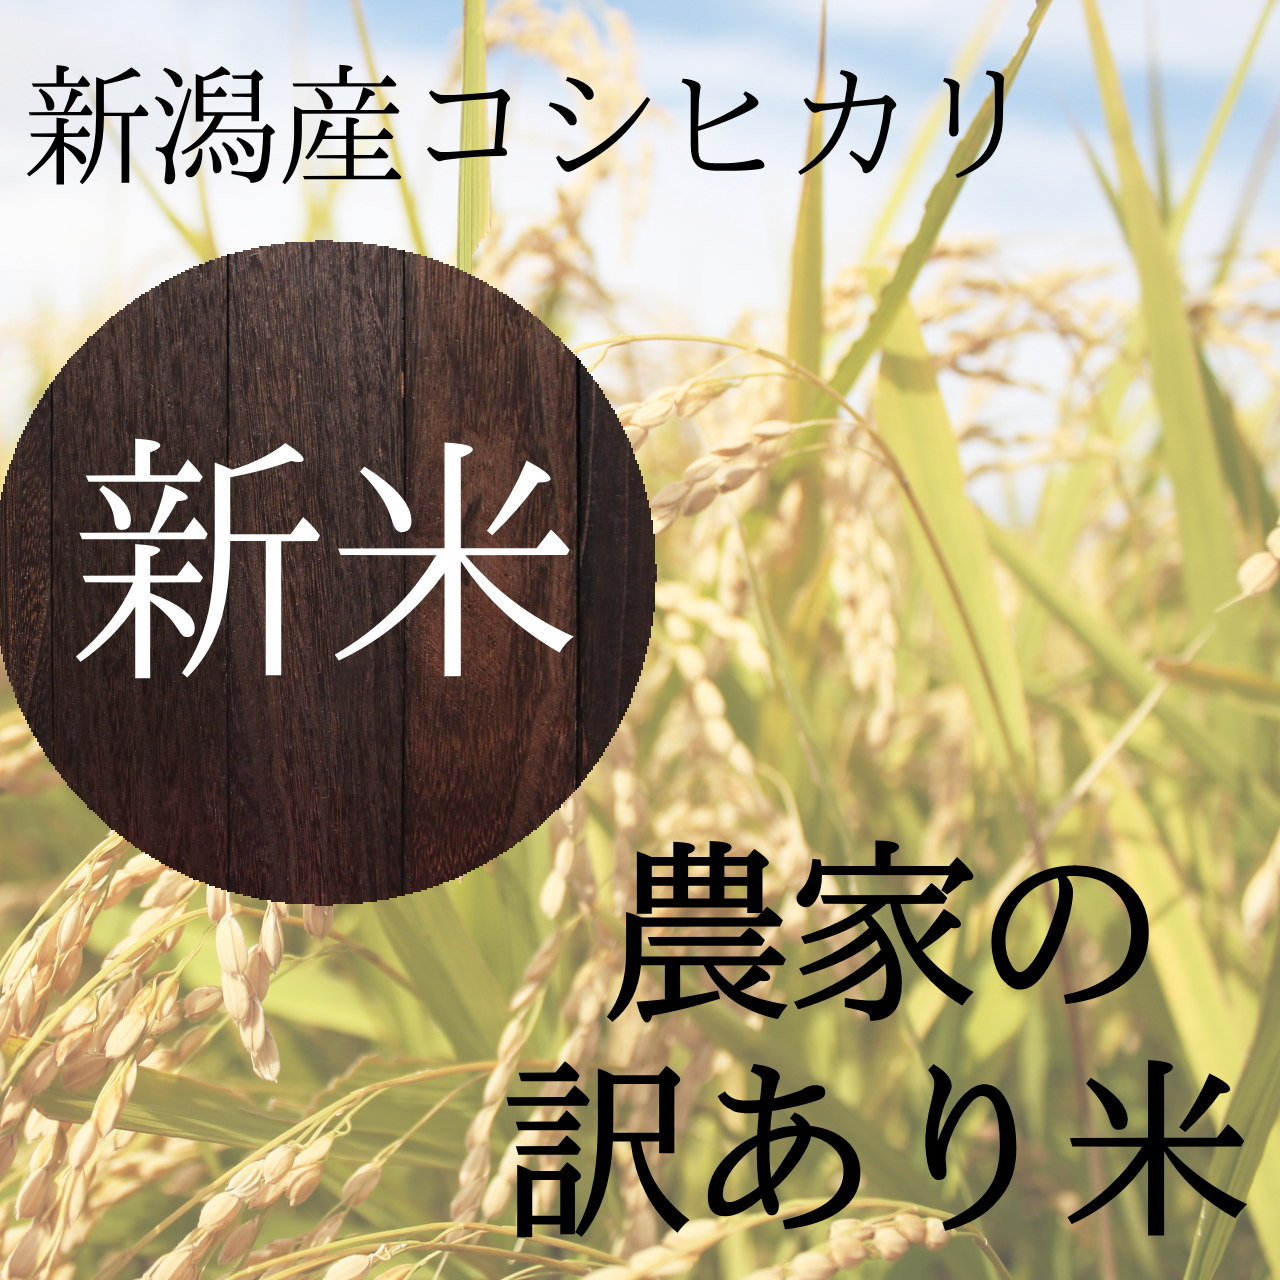 農家直送の新潟産コシヒカリが訳あり超特価 10キロ3580円!数量限定!! 20キロ以上で送料無料